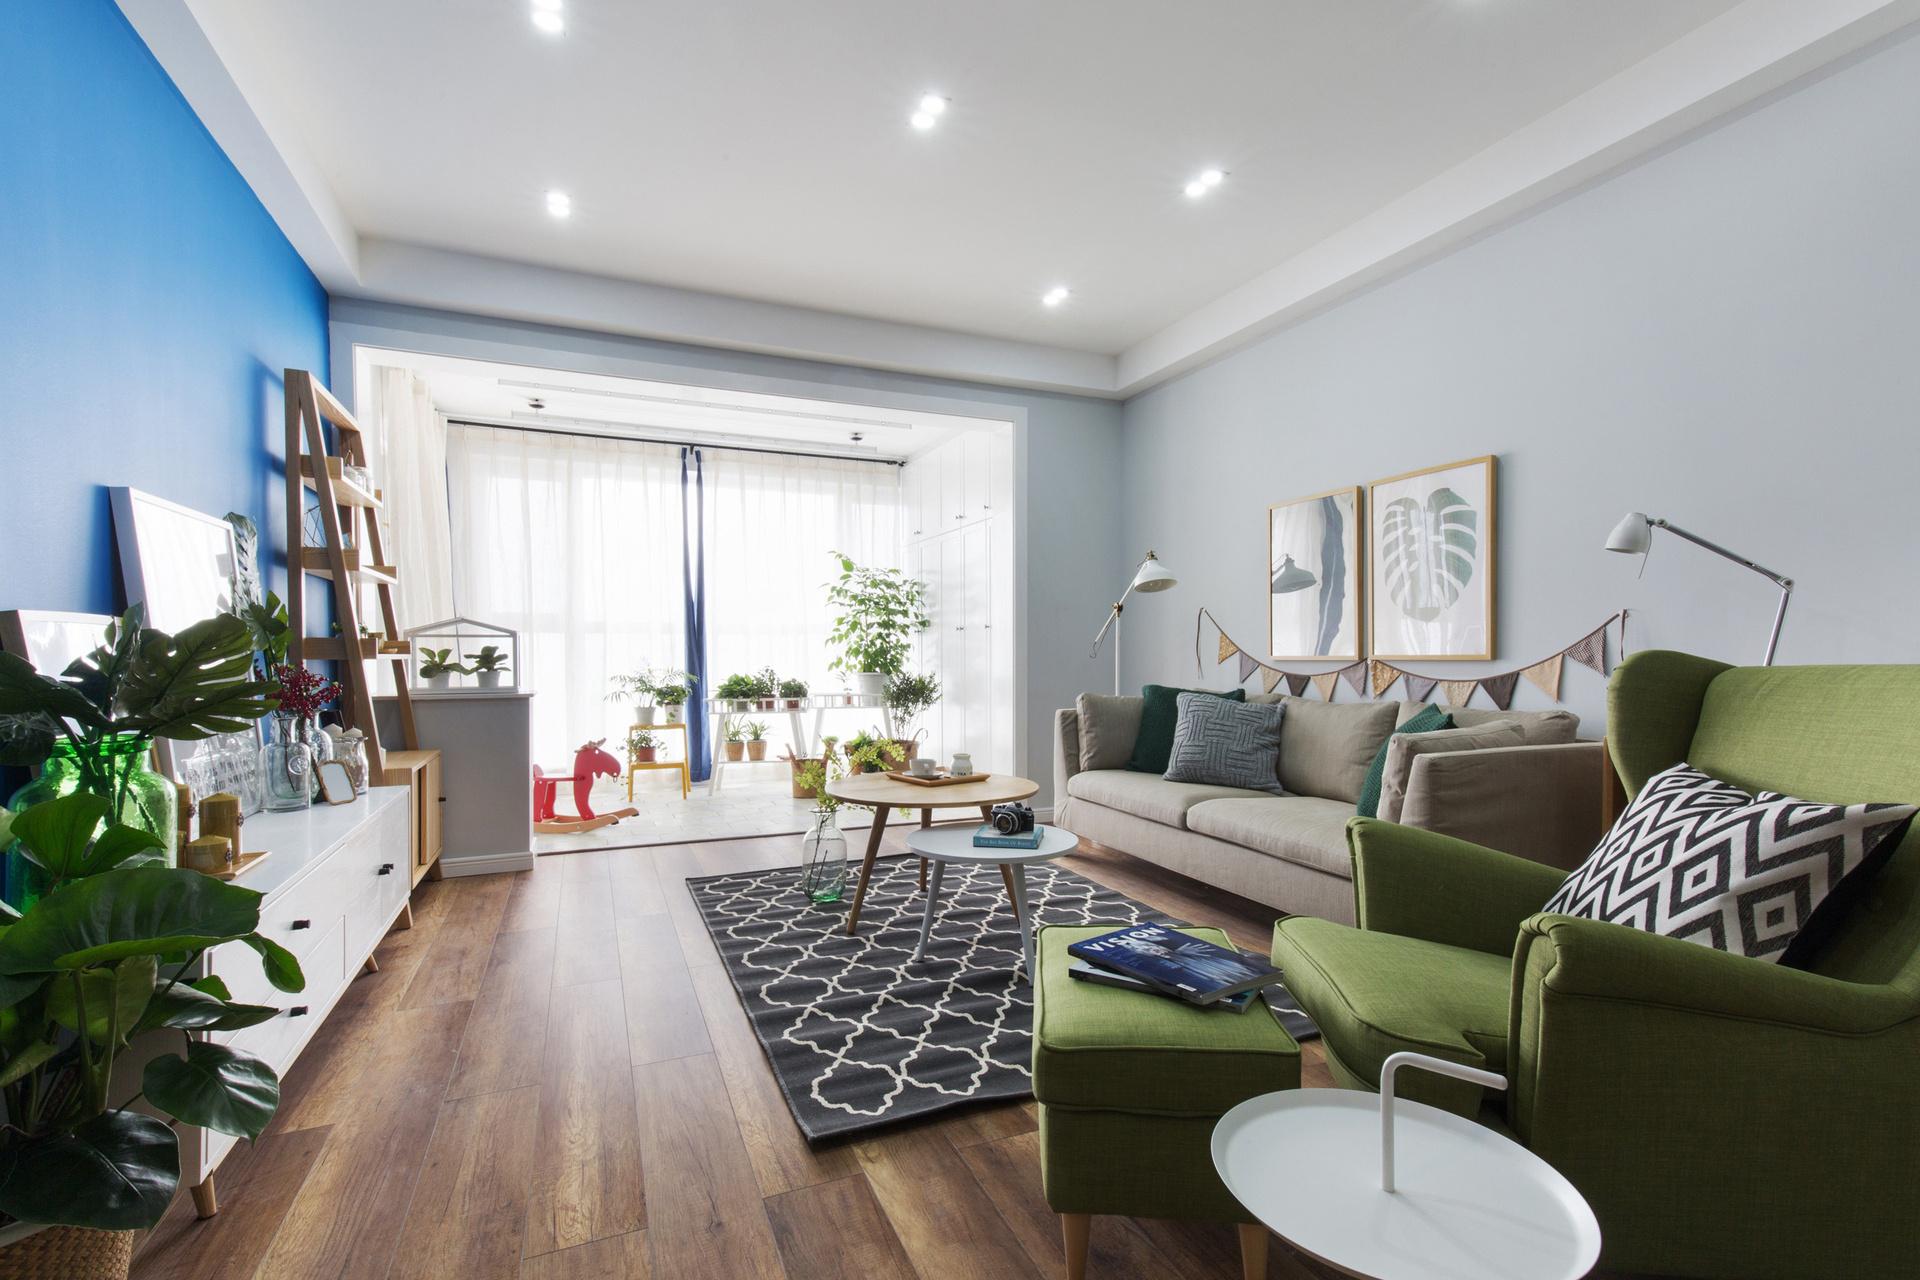 北欧原木设计公寓-上海知惠建筑装饰工程有限公司